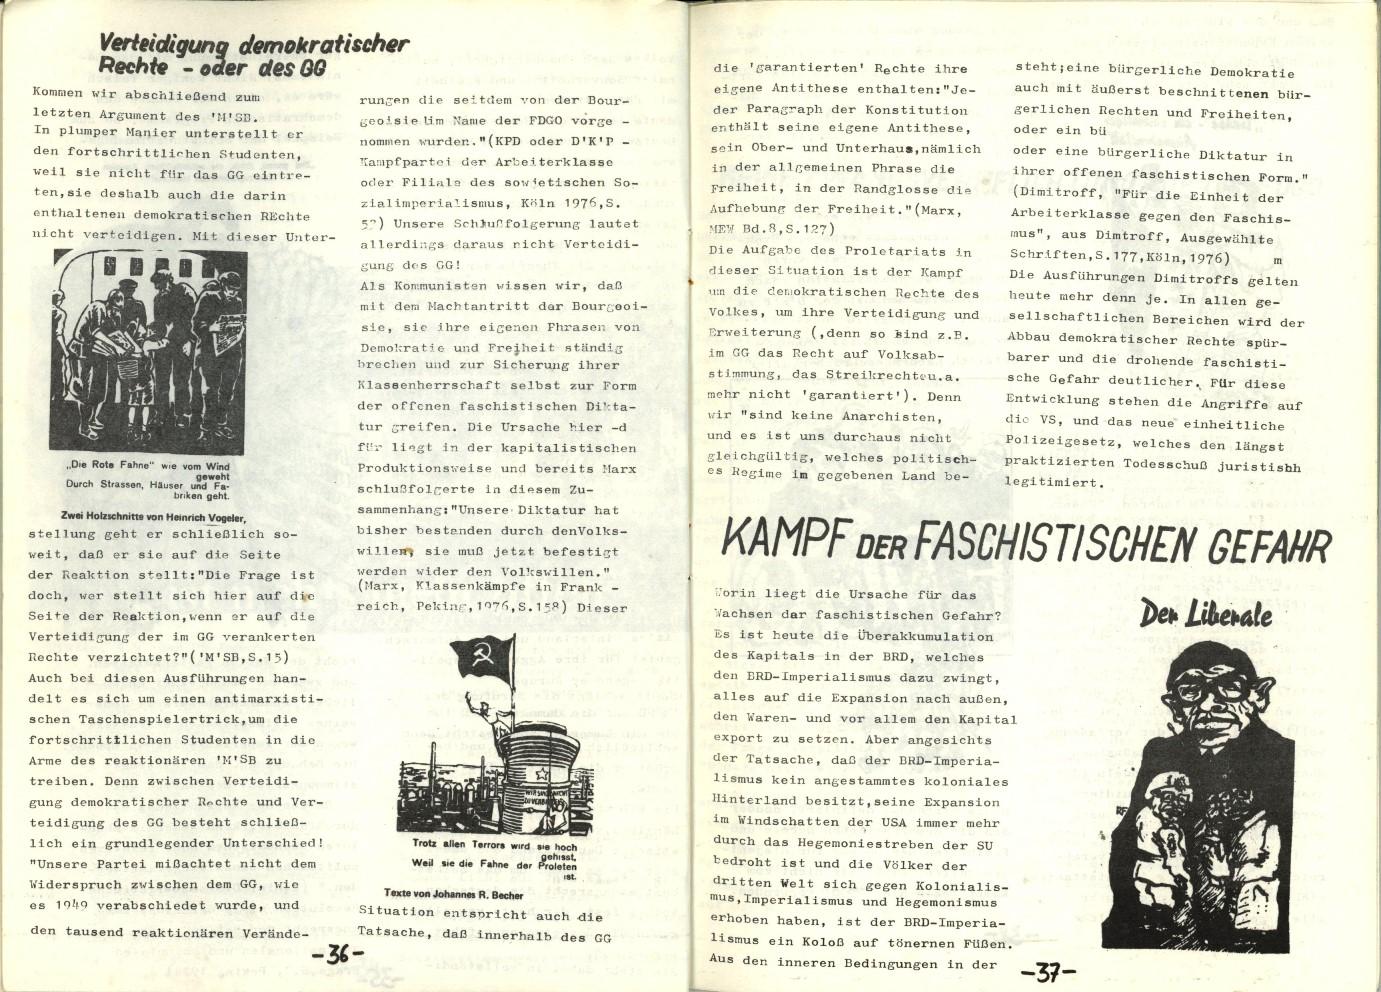 NRW_KSV_1977_Doku_zu_den_AStA_Wahlen_Nr_2_19